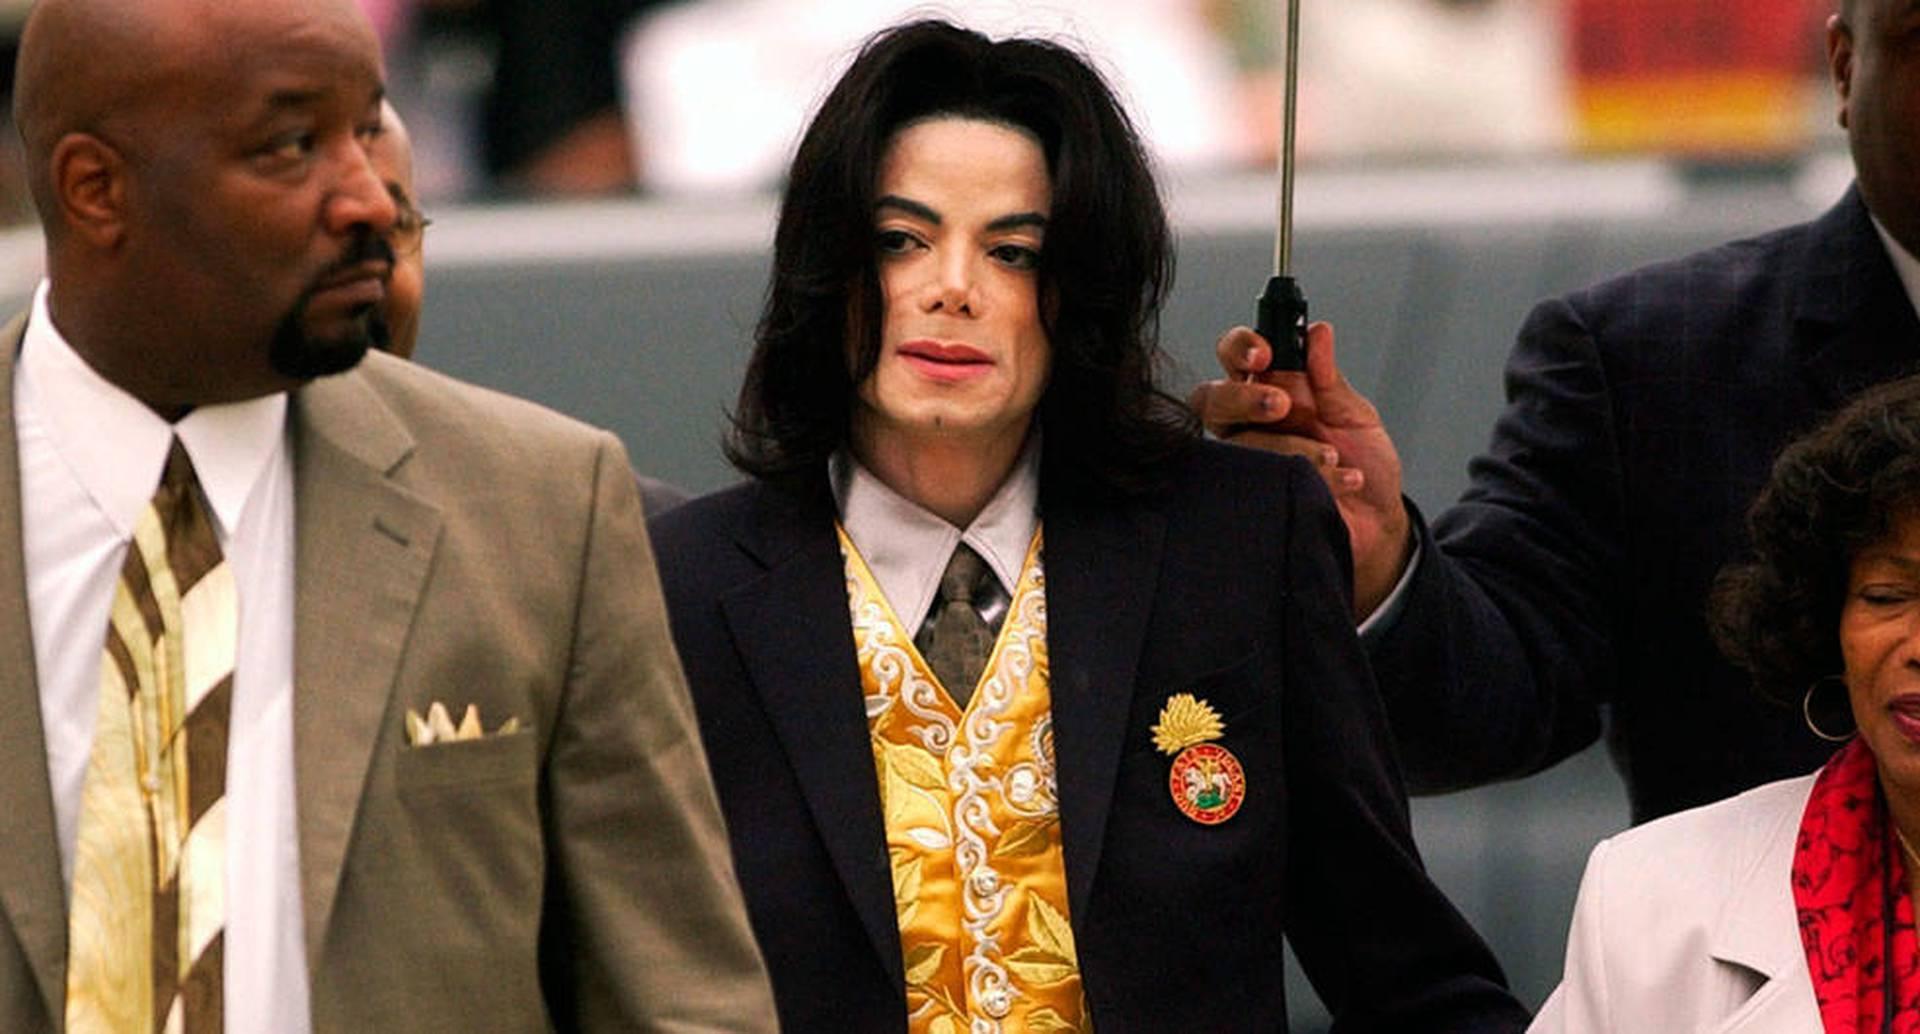 A Michael Jackson, el rey del pop, siempre lo persiguió la sombra de las acusaciones de pedofilia